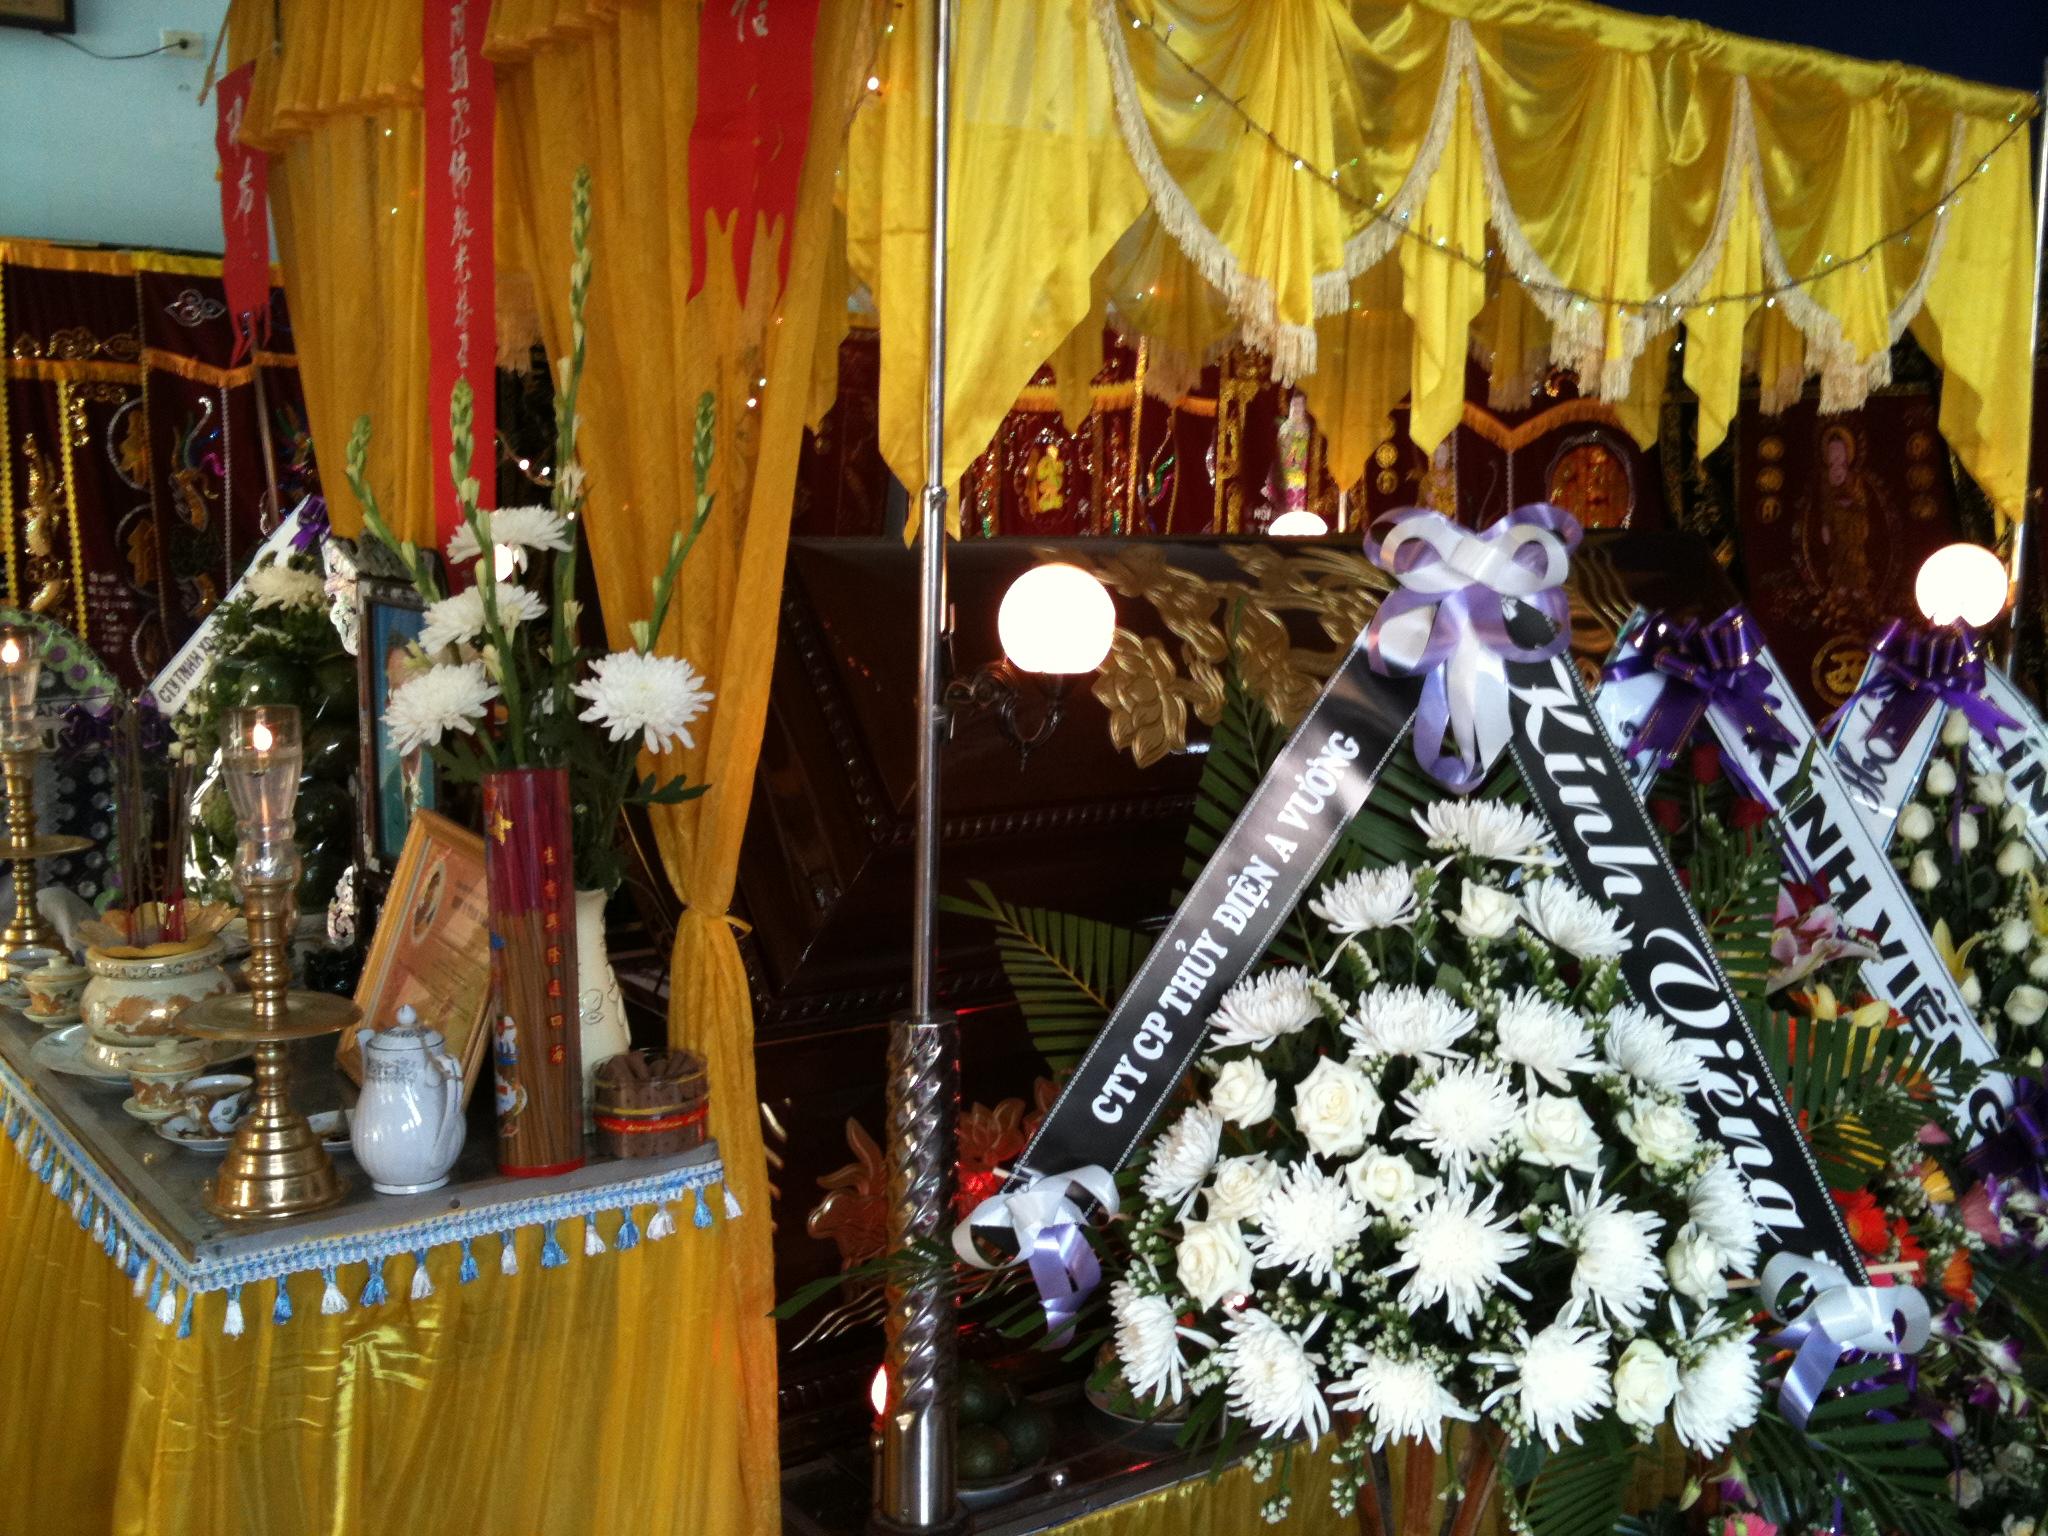 Filefuneral decorations danangg wikimedia commons filefuneral decorations danangg izmirmasajfo